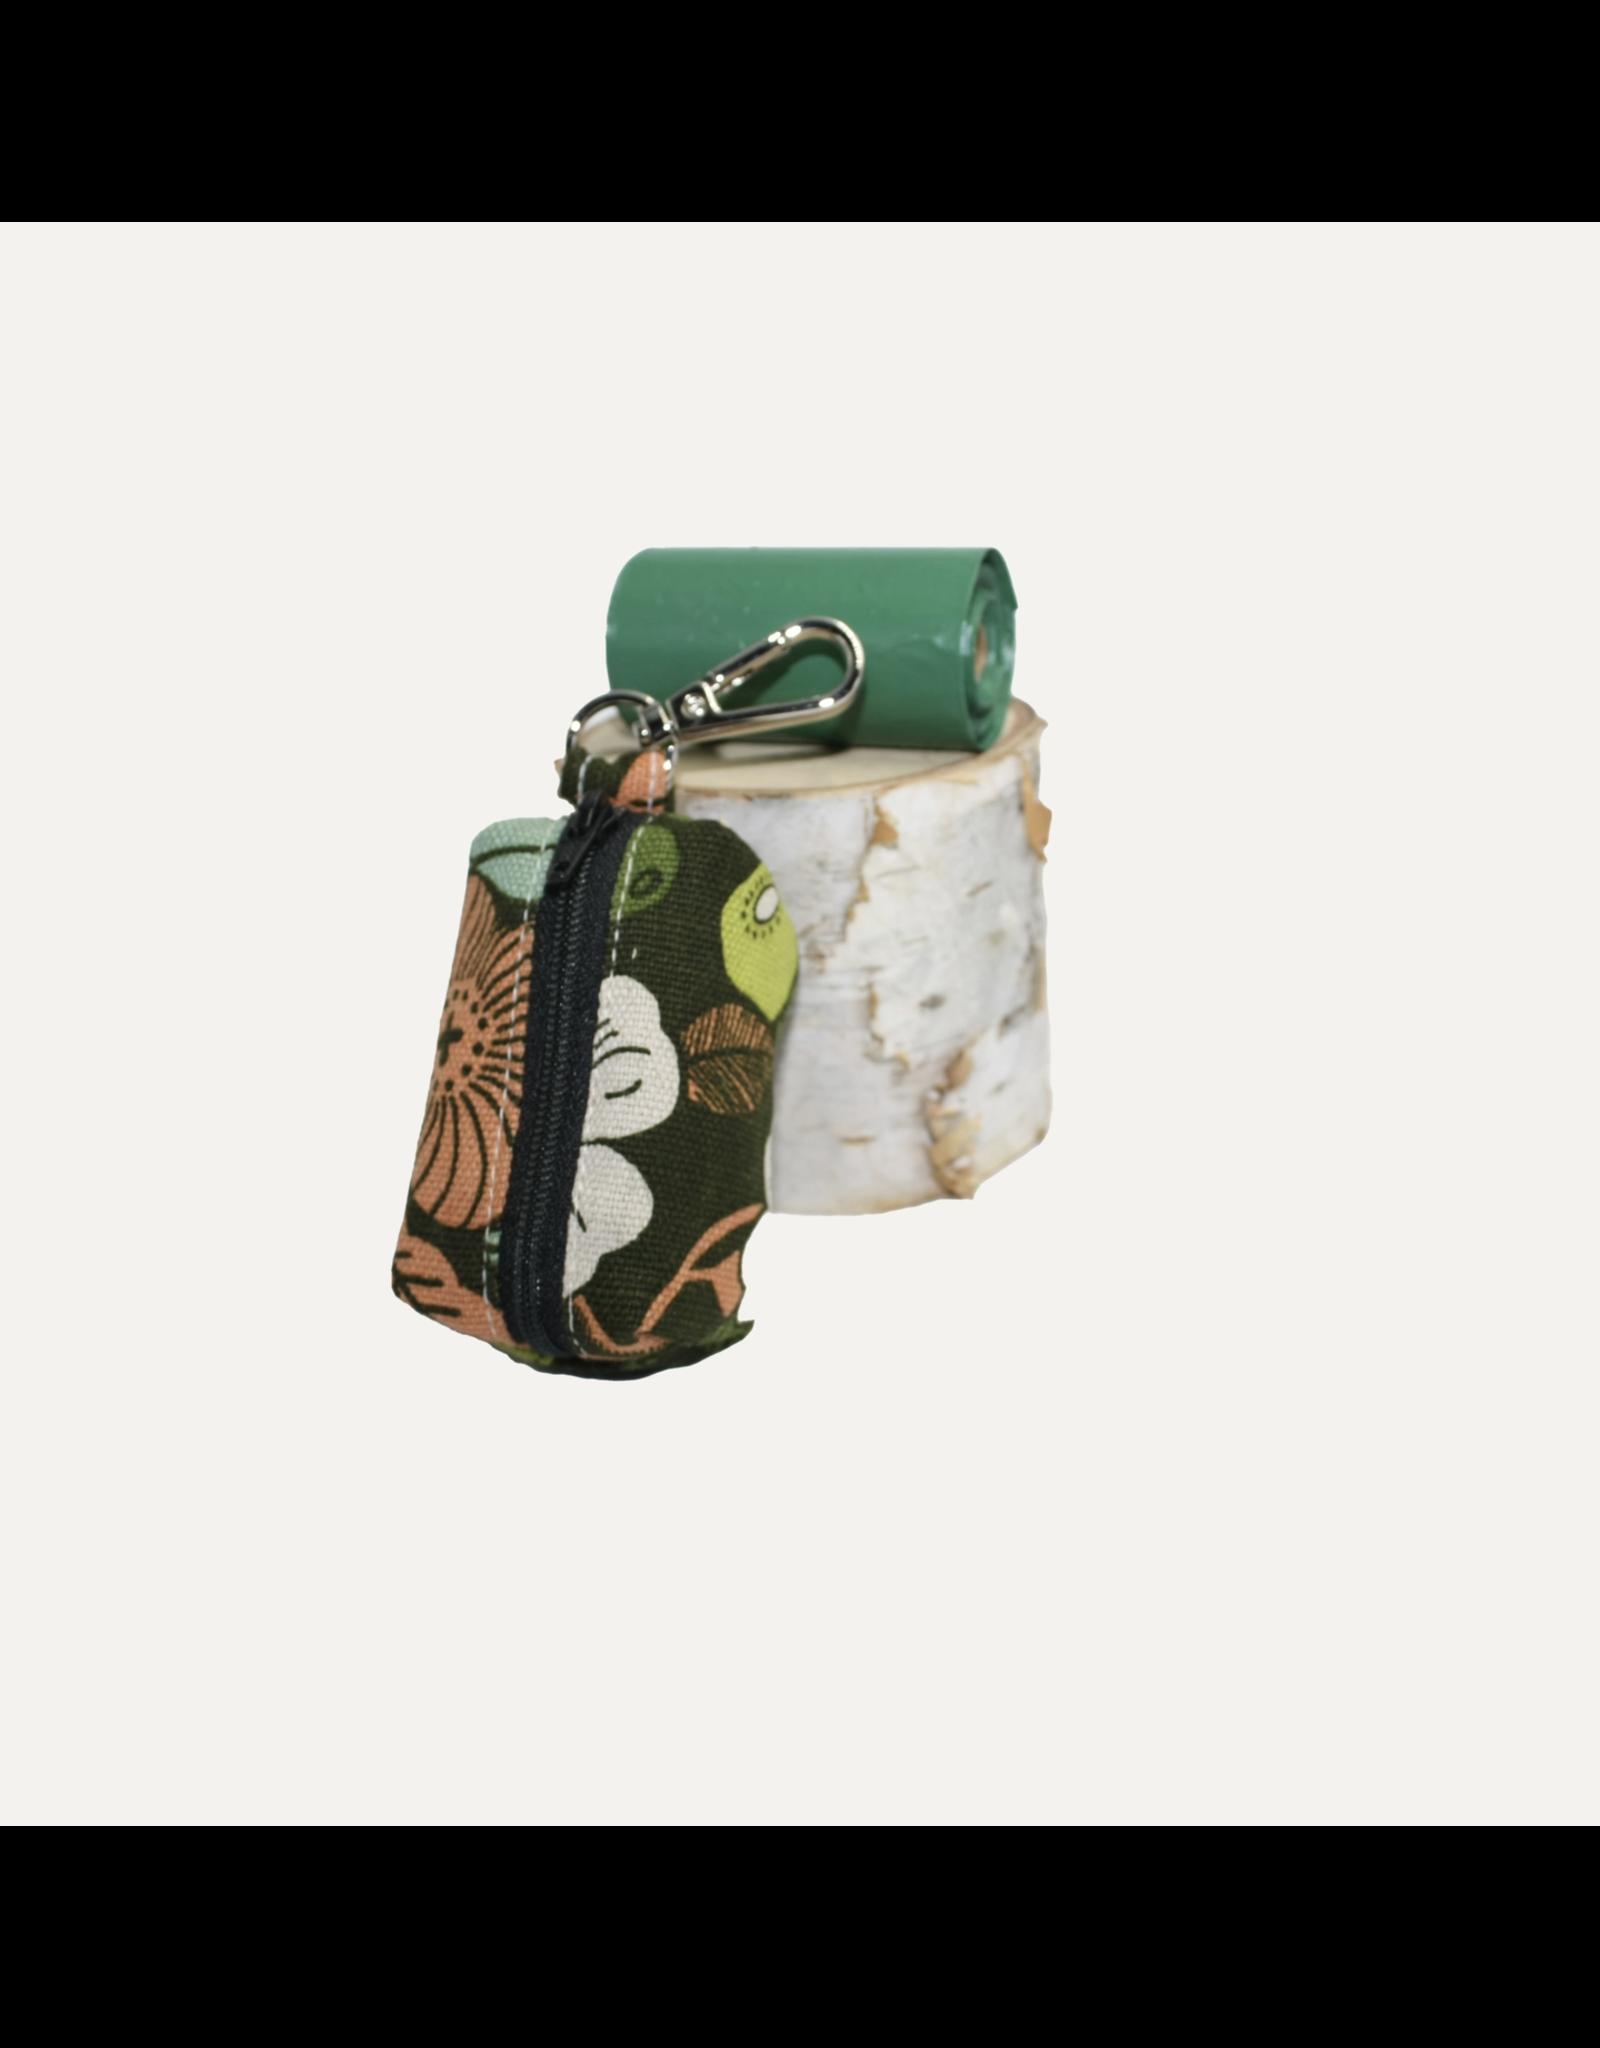 Bell Dog Poop Bag Holder